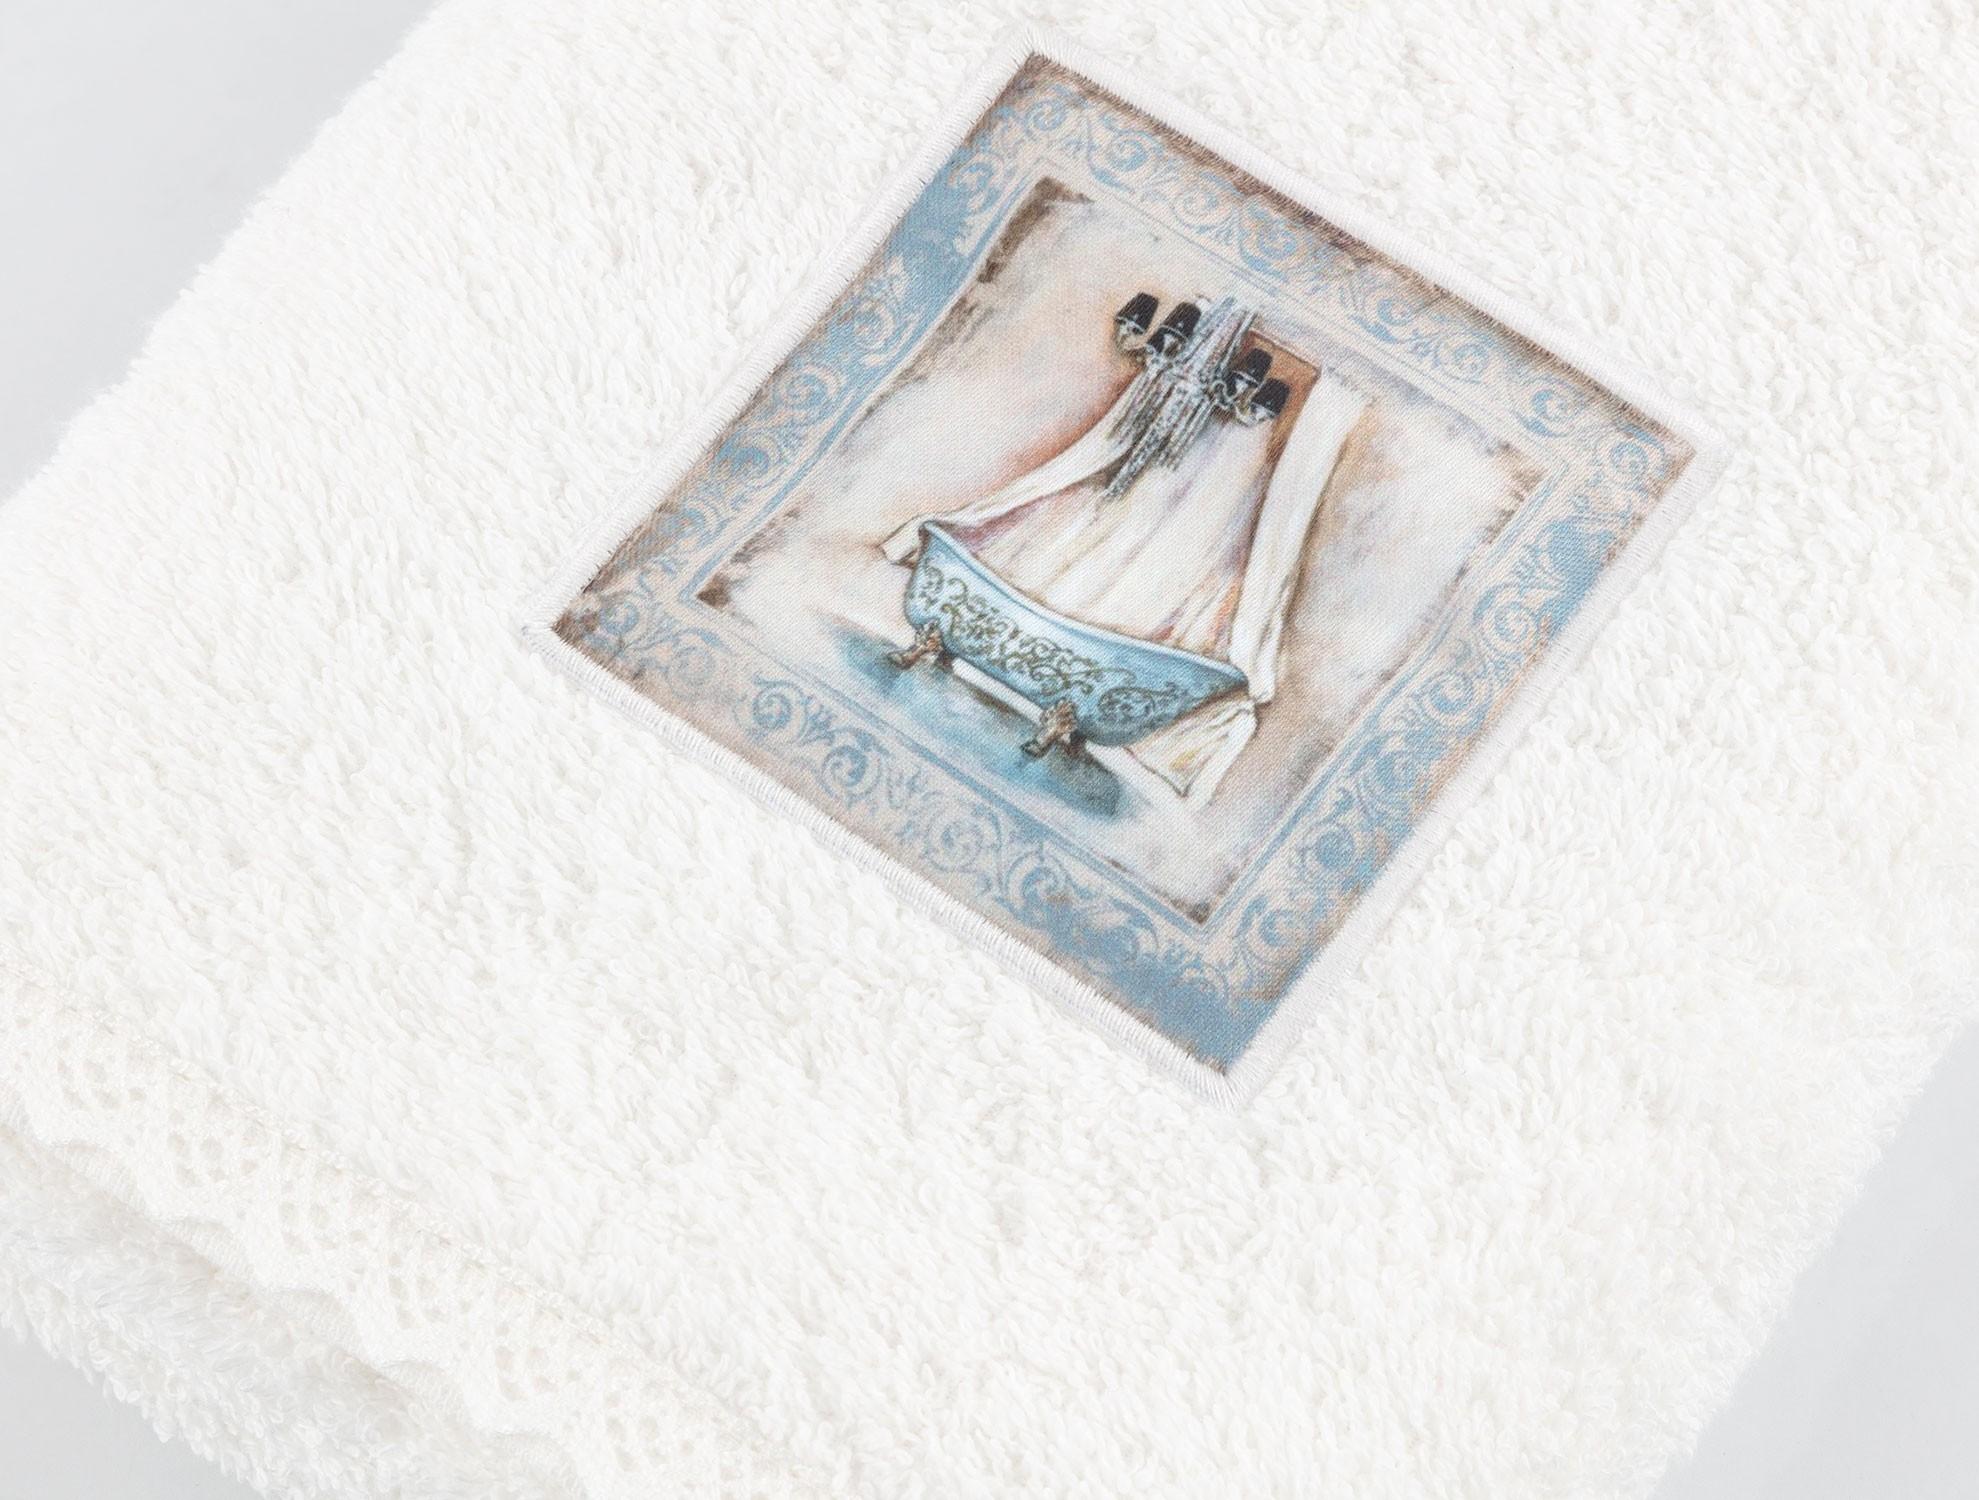 baignoire bleue dijital bask l nak l havlu ekru. Black Bedroom Furniture Sets. Home Design Ideas